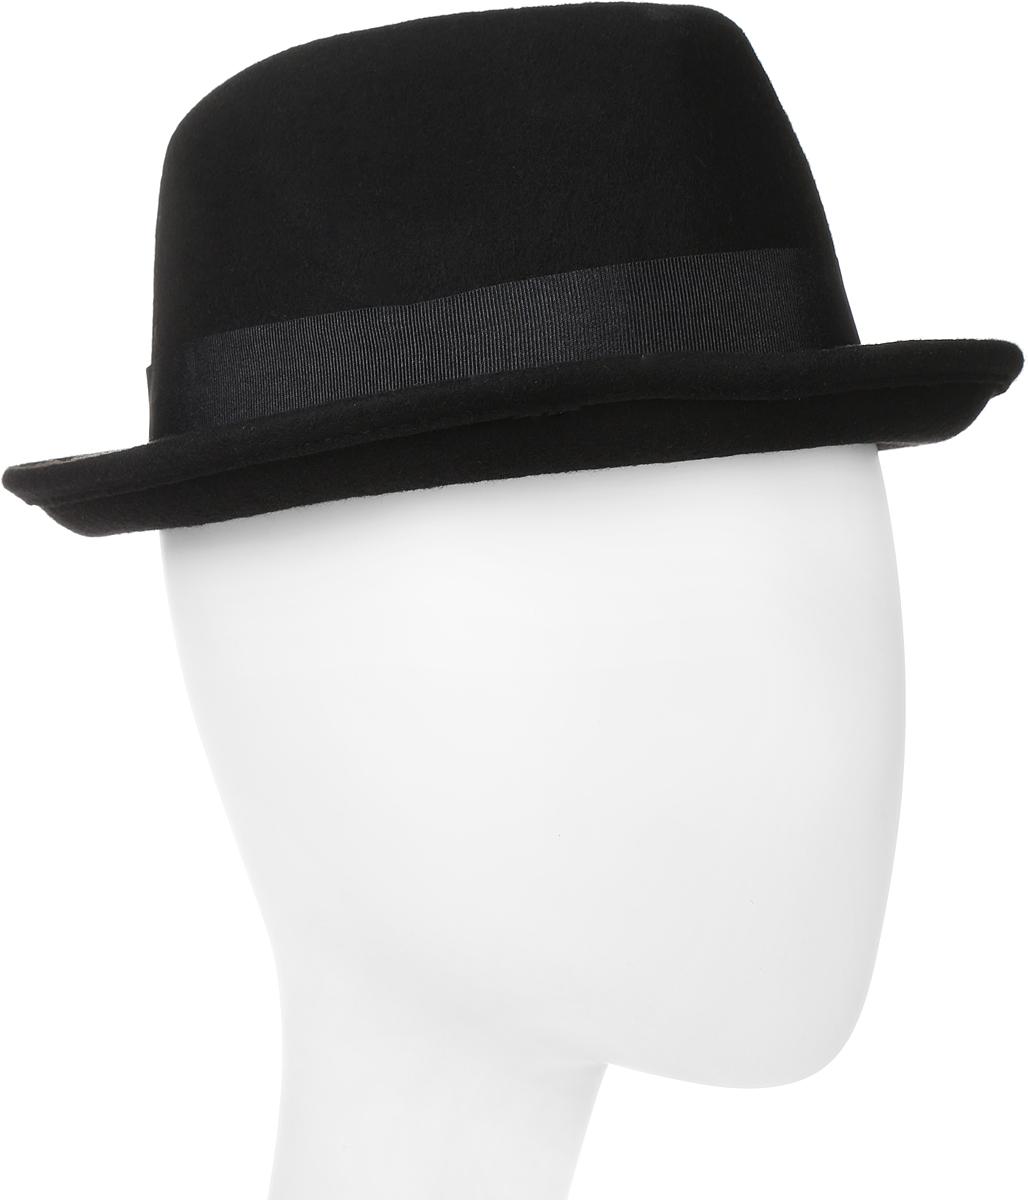 Шляпа Goorin Brothers, цвет: черный. 100-5799. Размер M (57)100-5799Элегантная шляпа Goorin Brothers, выполненная из фетра, дополнит любой образ. Модель с узкими полями, невысокой вертикальной тульей с продольным заломом и загнутыми вверх полями. Шляпа Homburg по тулье оформлена широкой текстильной лентой с бантом и дополнена металлическим элементом в виде логотипа бренда. Внутри модель дополнена подкладкой из шелковистого полиэстера и плотной тесьмой для комфортной посадки изделия по голове. Аккуратные поля шляпы придадут вашему образу таинственности и шарма. Такая шляпа подчеркнет вашу неповторимость и прекрасный вкус.